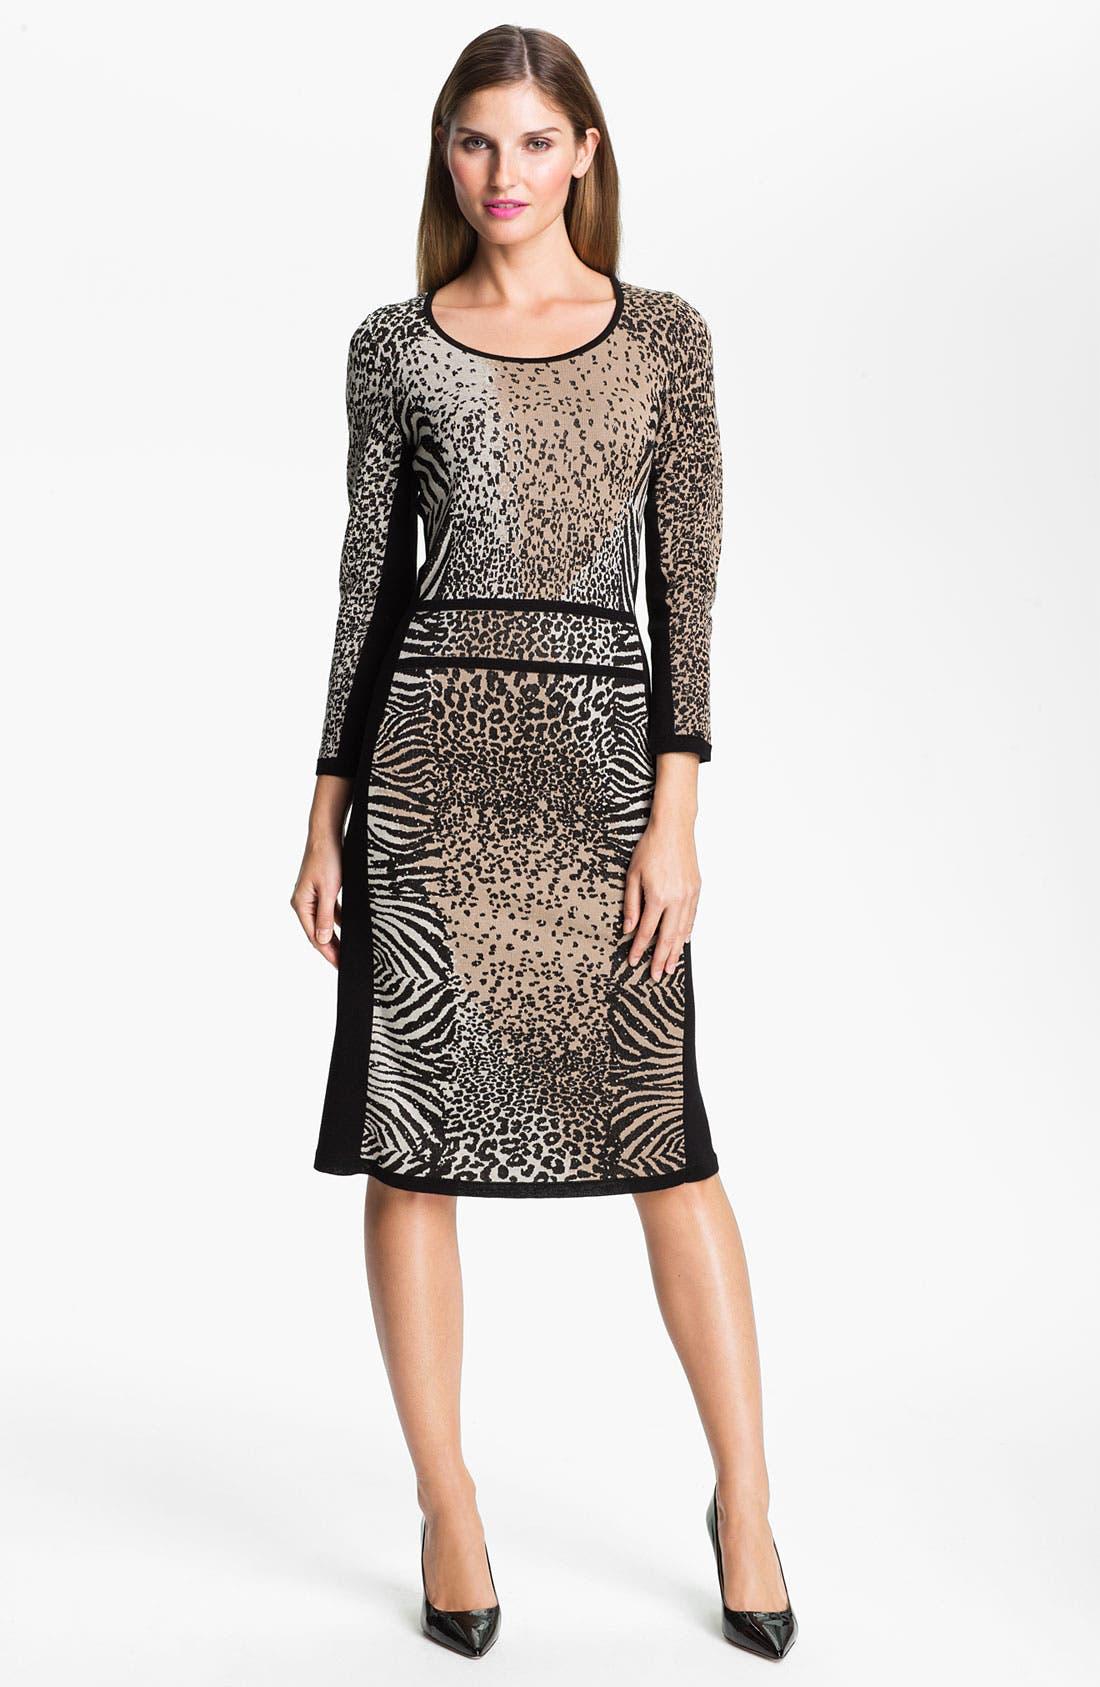 Main Image - Nic + Zoe 'Wild Deco' Dress (Online Exclusive)